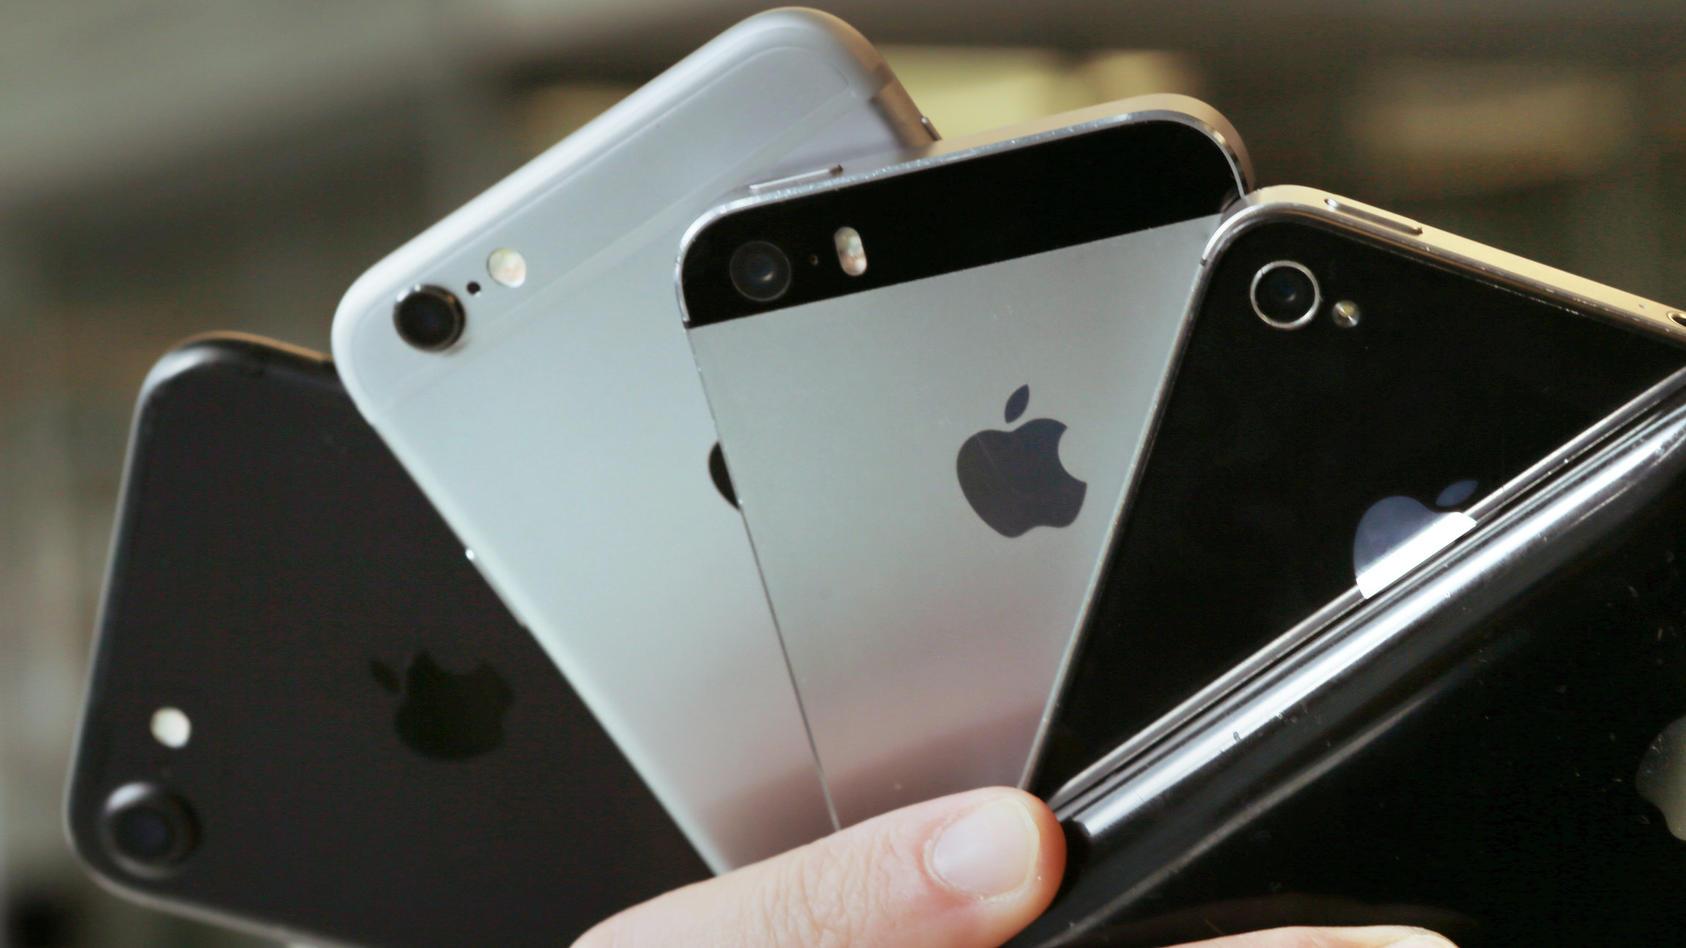 Wofür ist der  schwarze Punkt am iPhone gut?